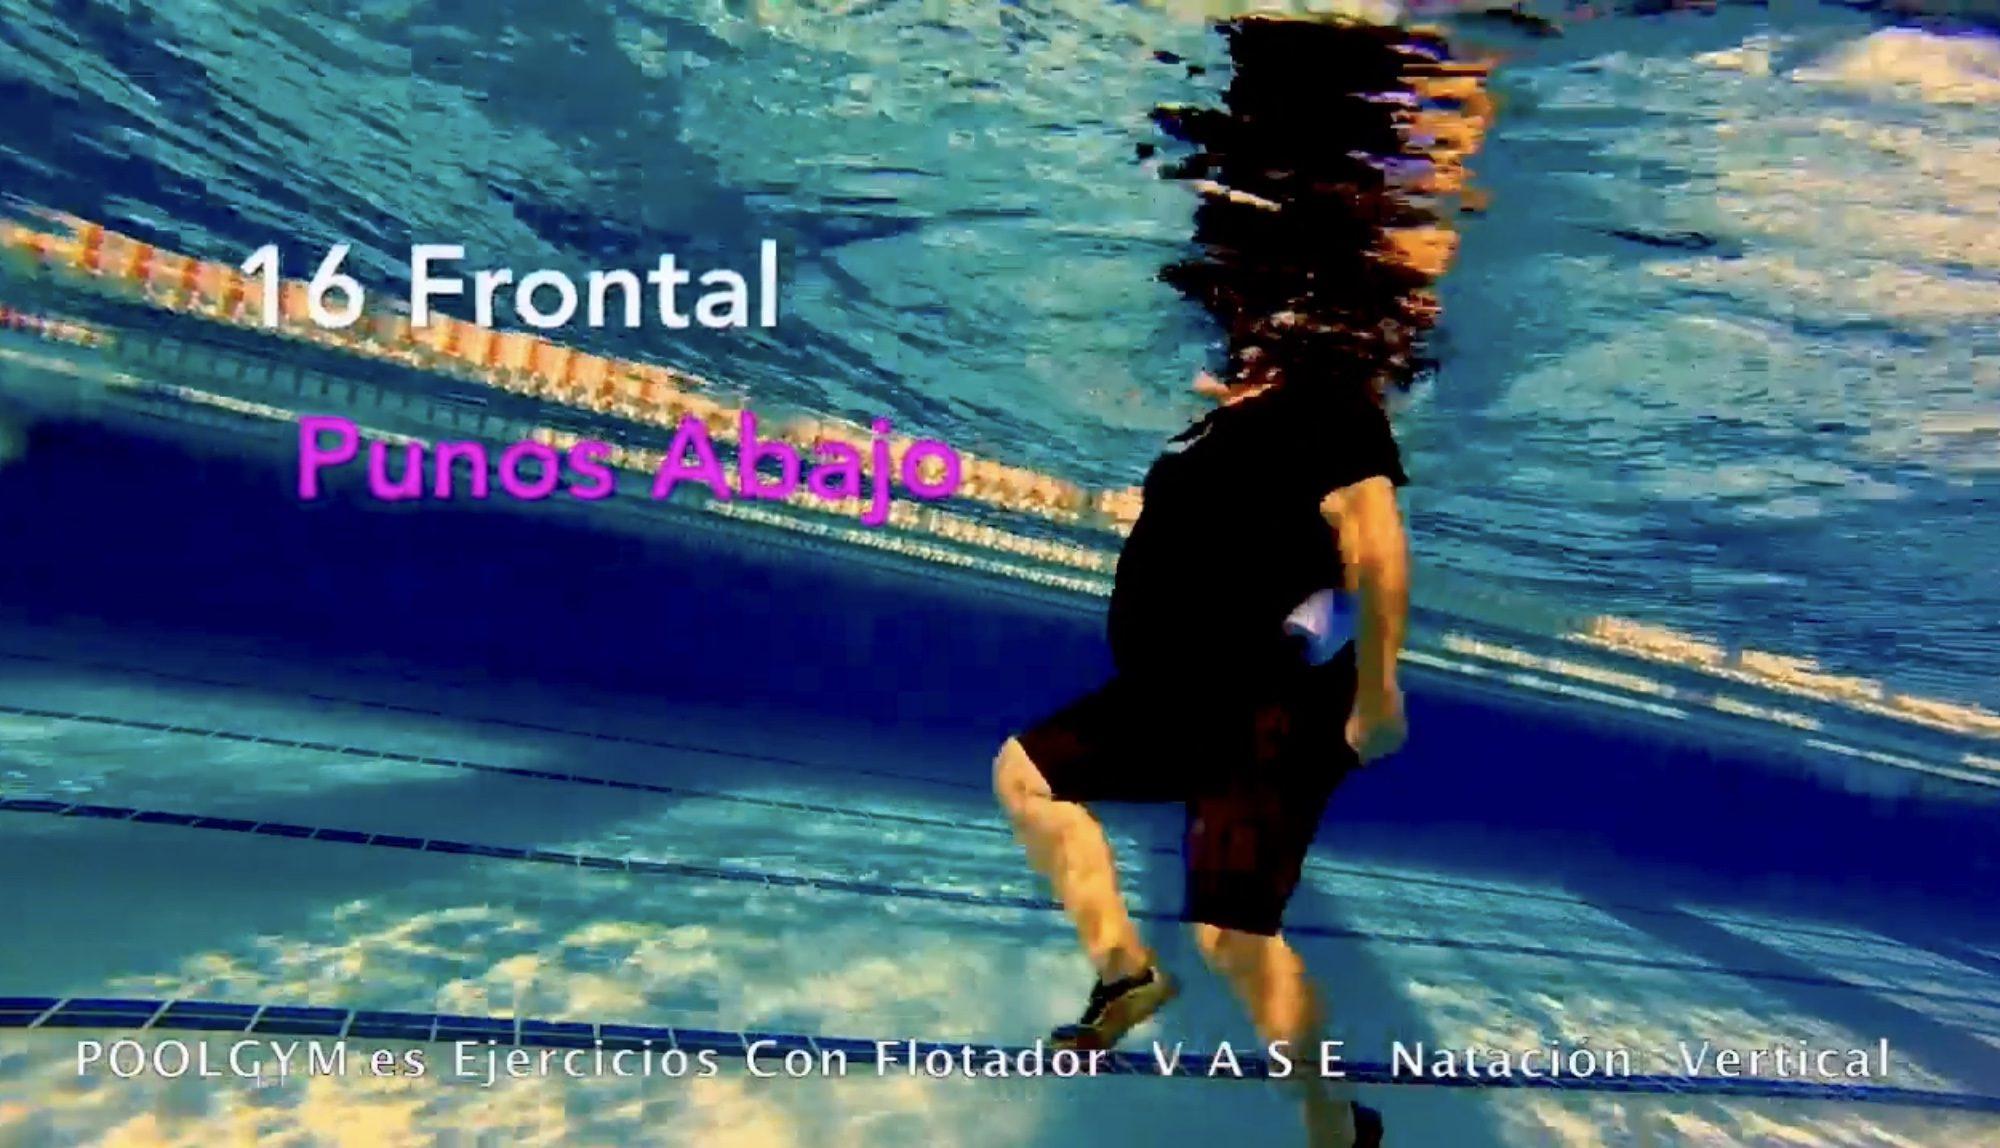 16 Frontal PUÑOS ABAJO poolgym.ES